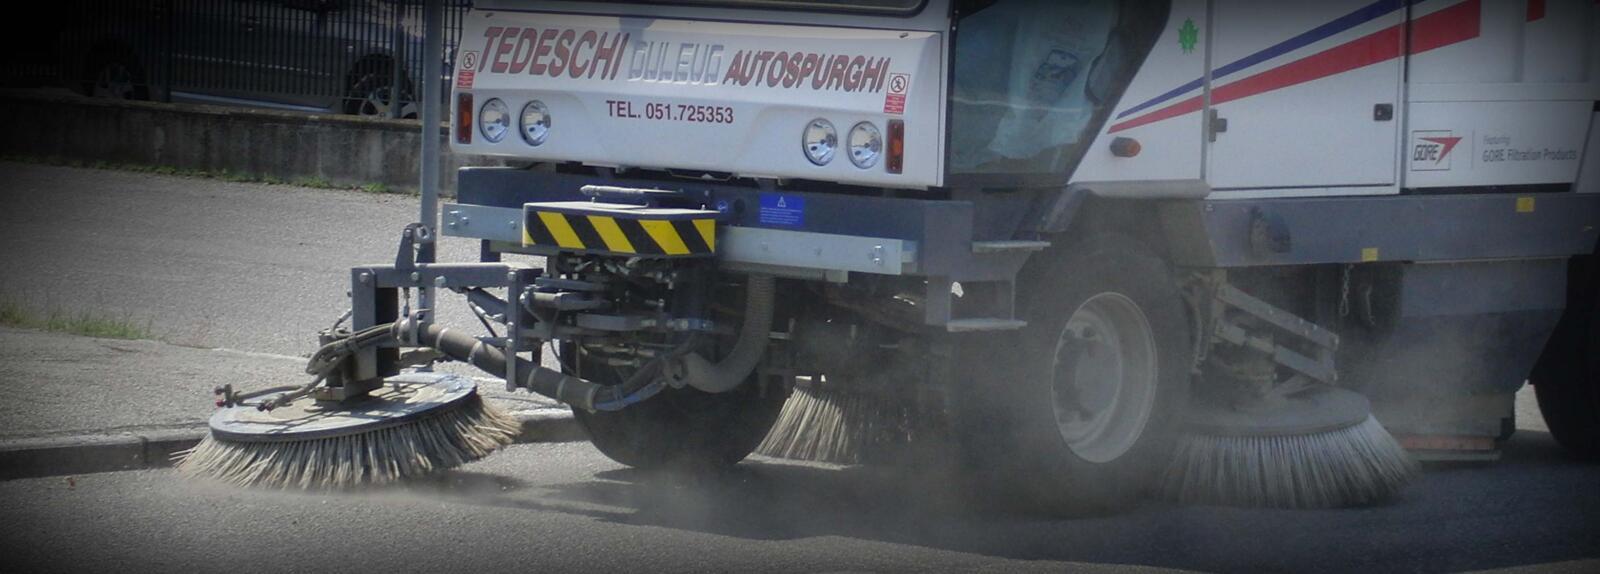 Mezzo spazzatrice per la strada | Tedeschi autospurghi